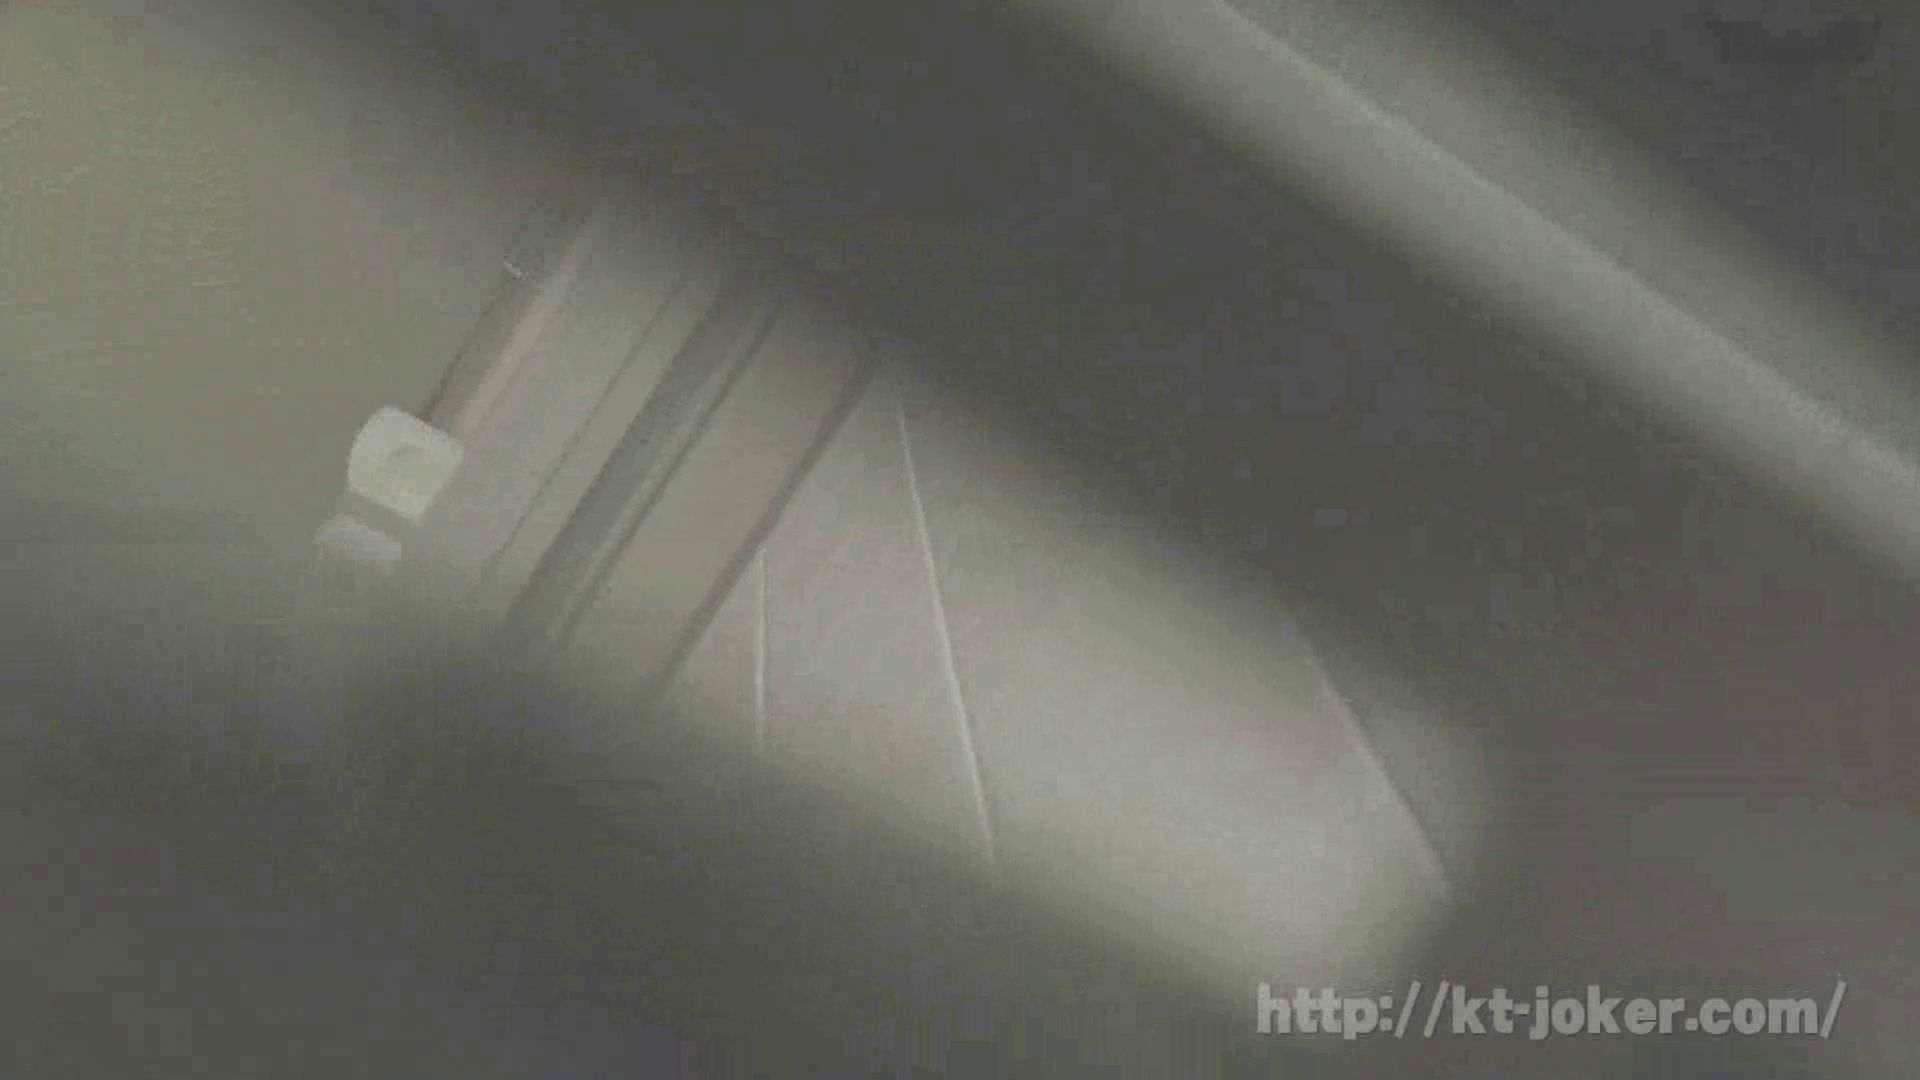 命がけ潜伏洗面所! vol.69 あのかわいい子がついフロント撮り実演 プライベート  69連発 9